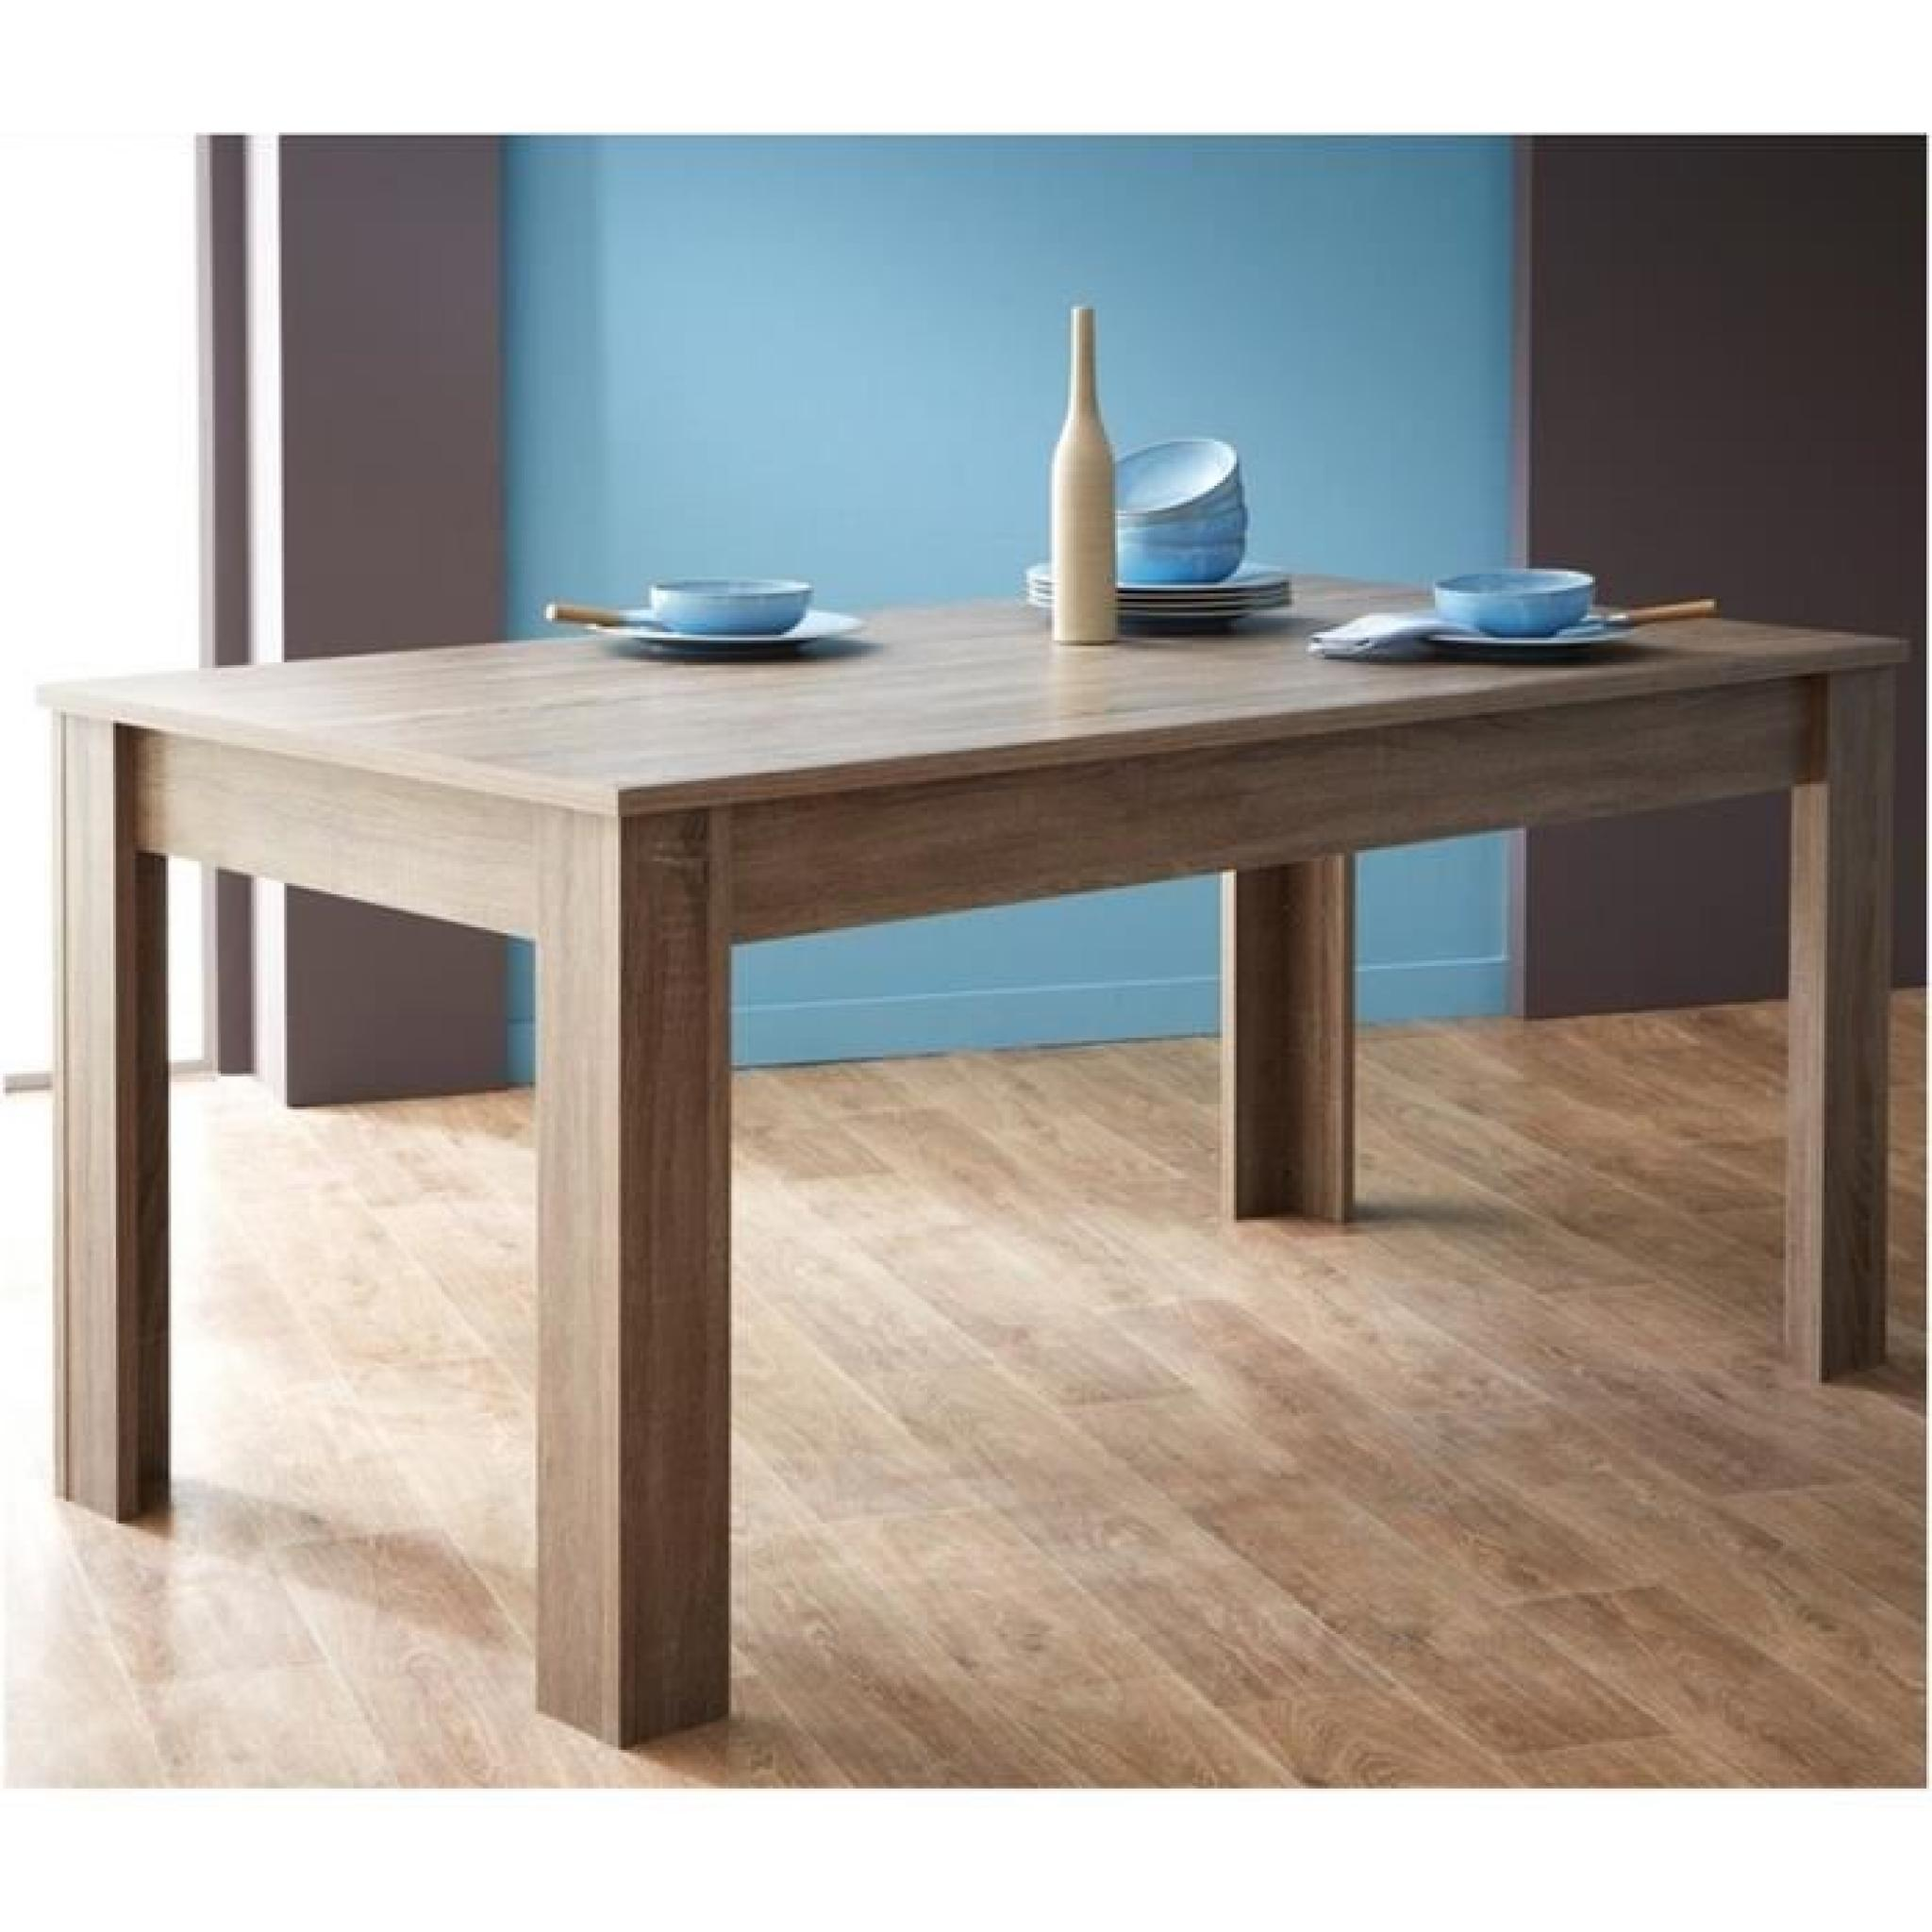 Table A Manger Rectangulaire Bois Design Chene L170 X P90 X H77 2 Cm